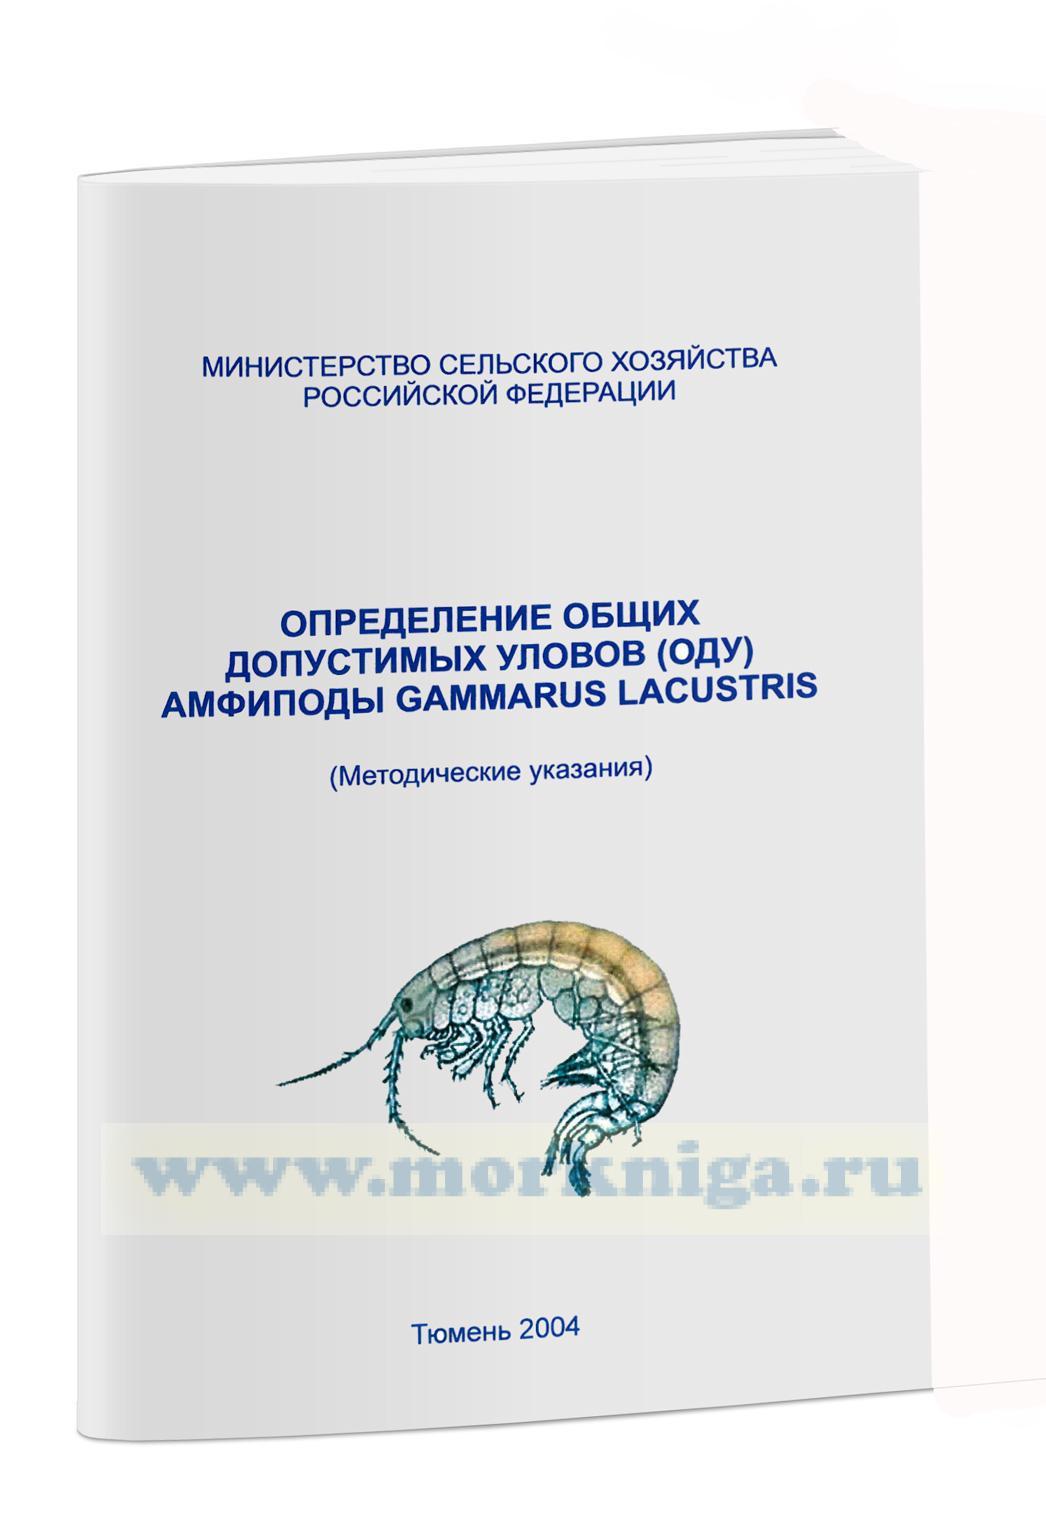 Определение общих допустимых уловов (ОДУ) амфиподы Gammarus lacustris (Методические указания)